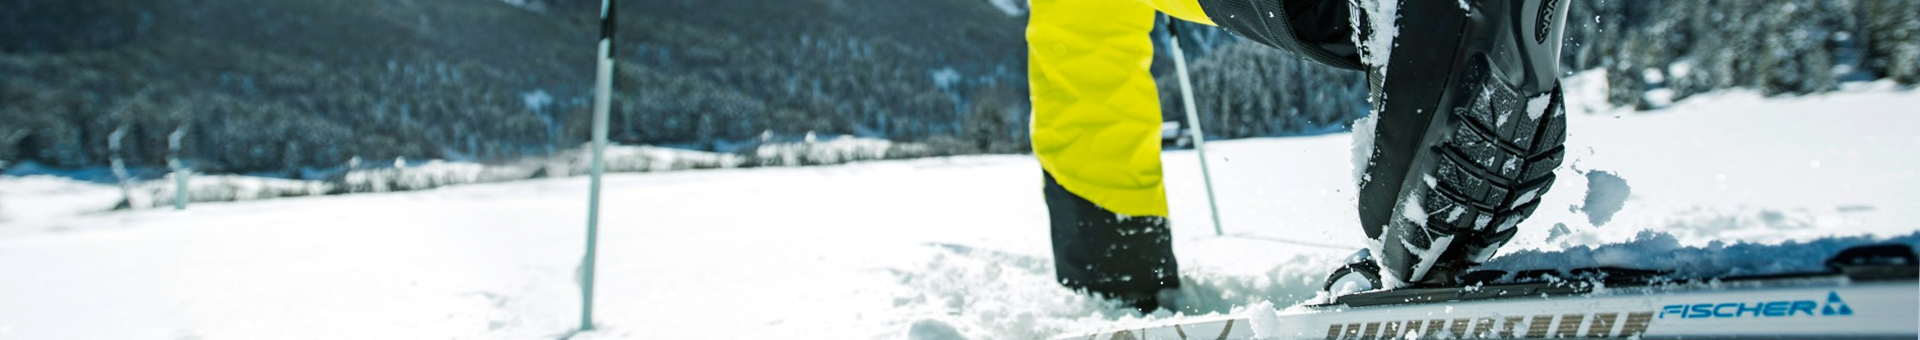 Attacchi da sci escursionismo